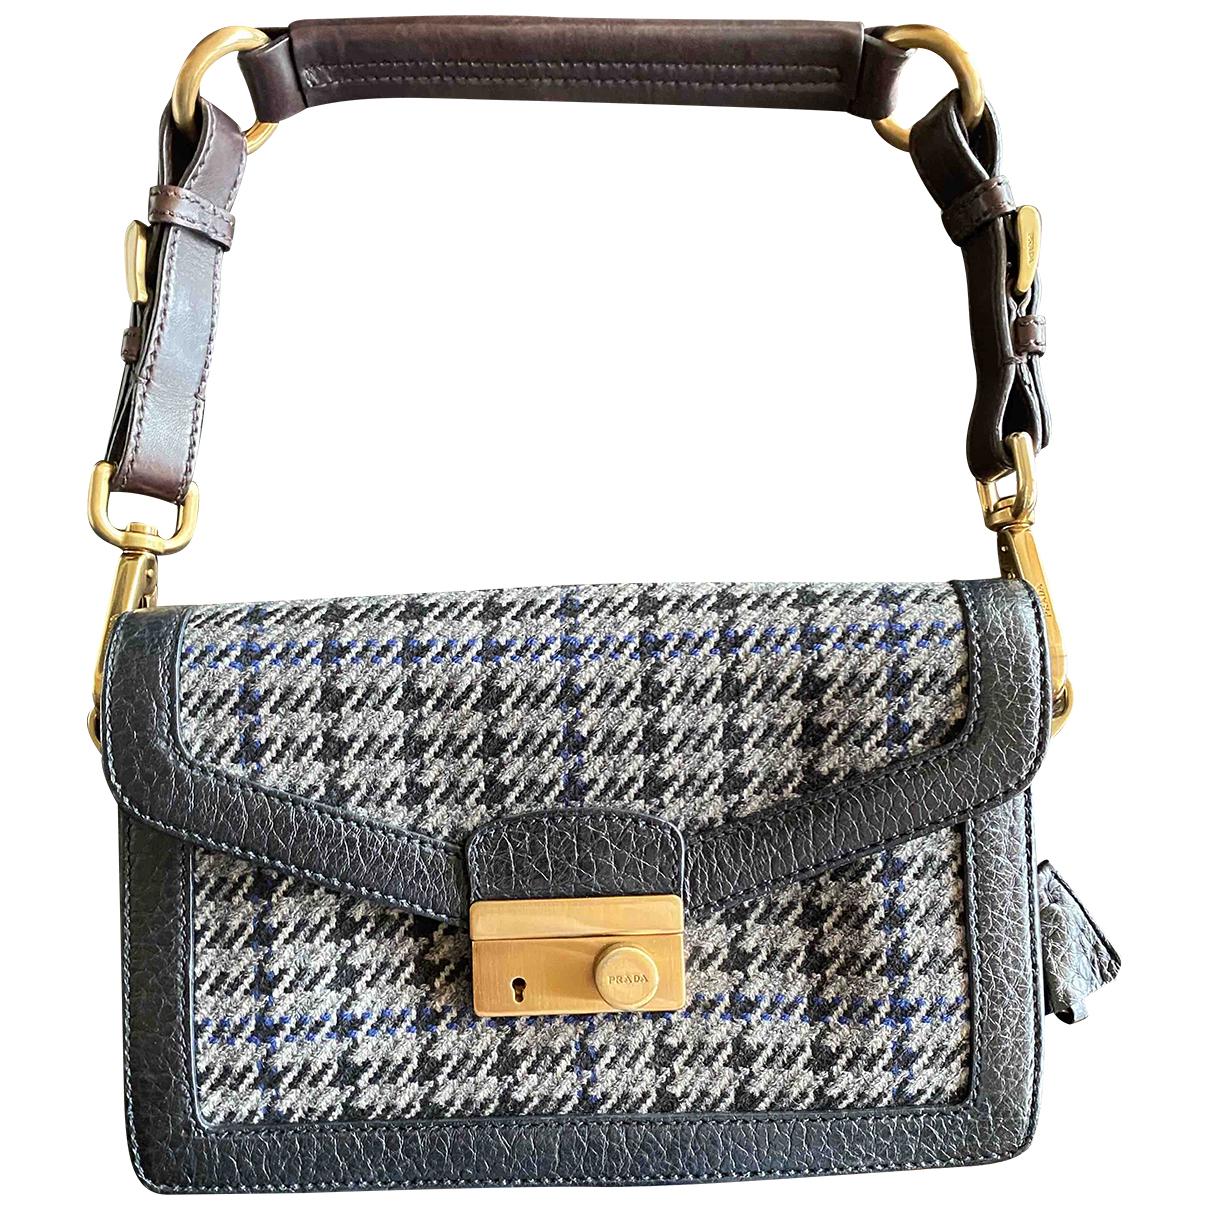 Prada \N Black Tweed handbag for Women \N